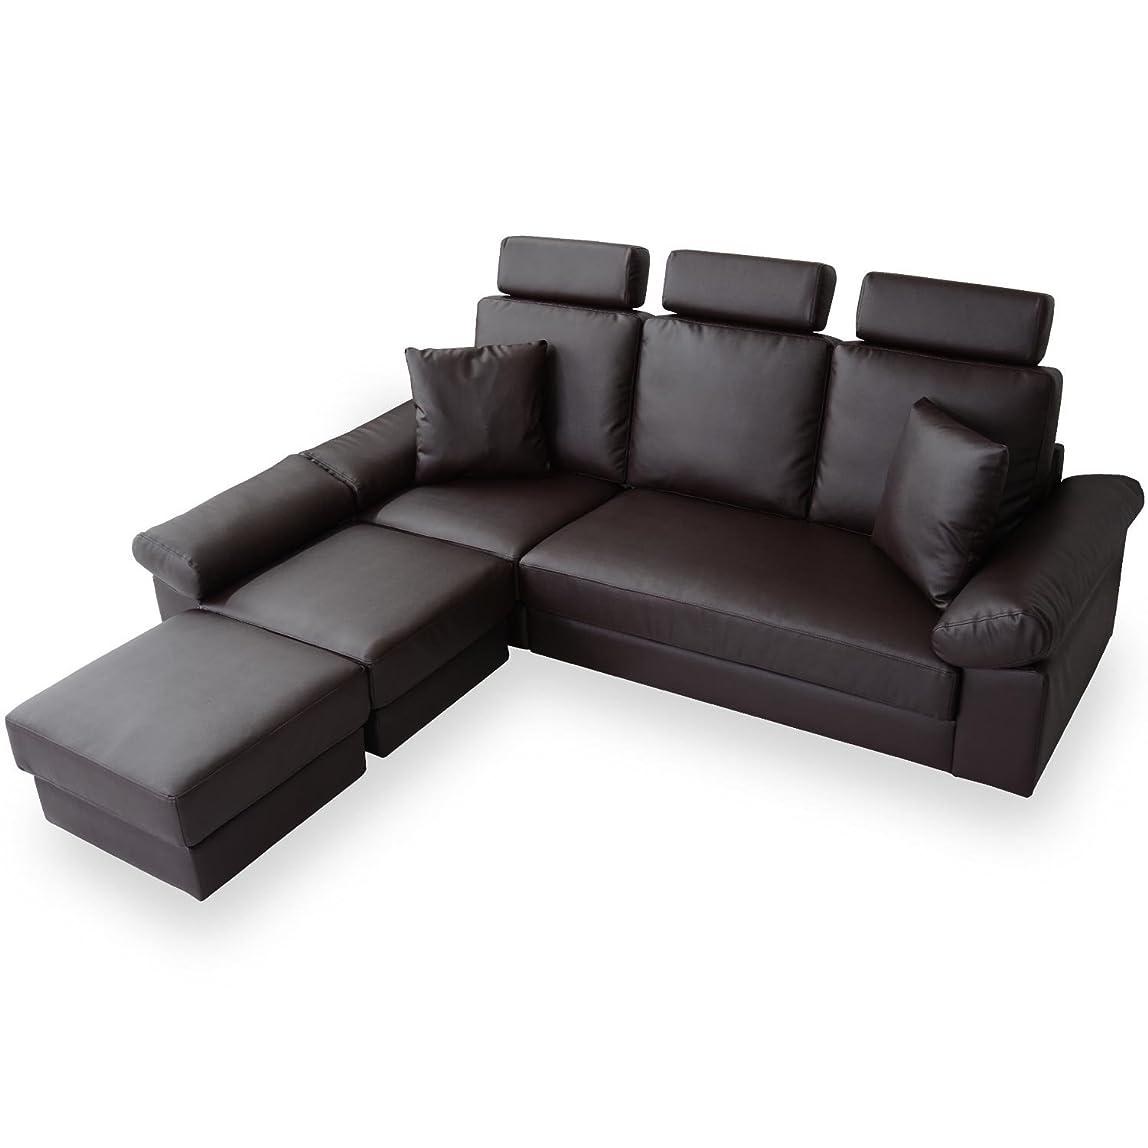 豊かにする不毛のブラジャーDORIS ソファー 3人掛け カウチ 幅200 ヘッドレスト レザー ブラウン フォルティス